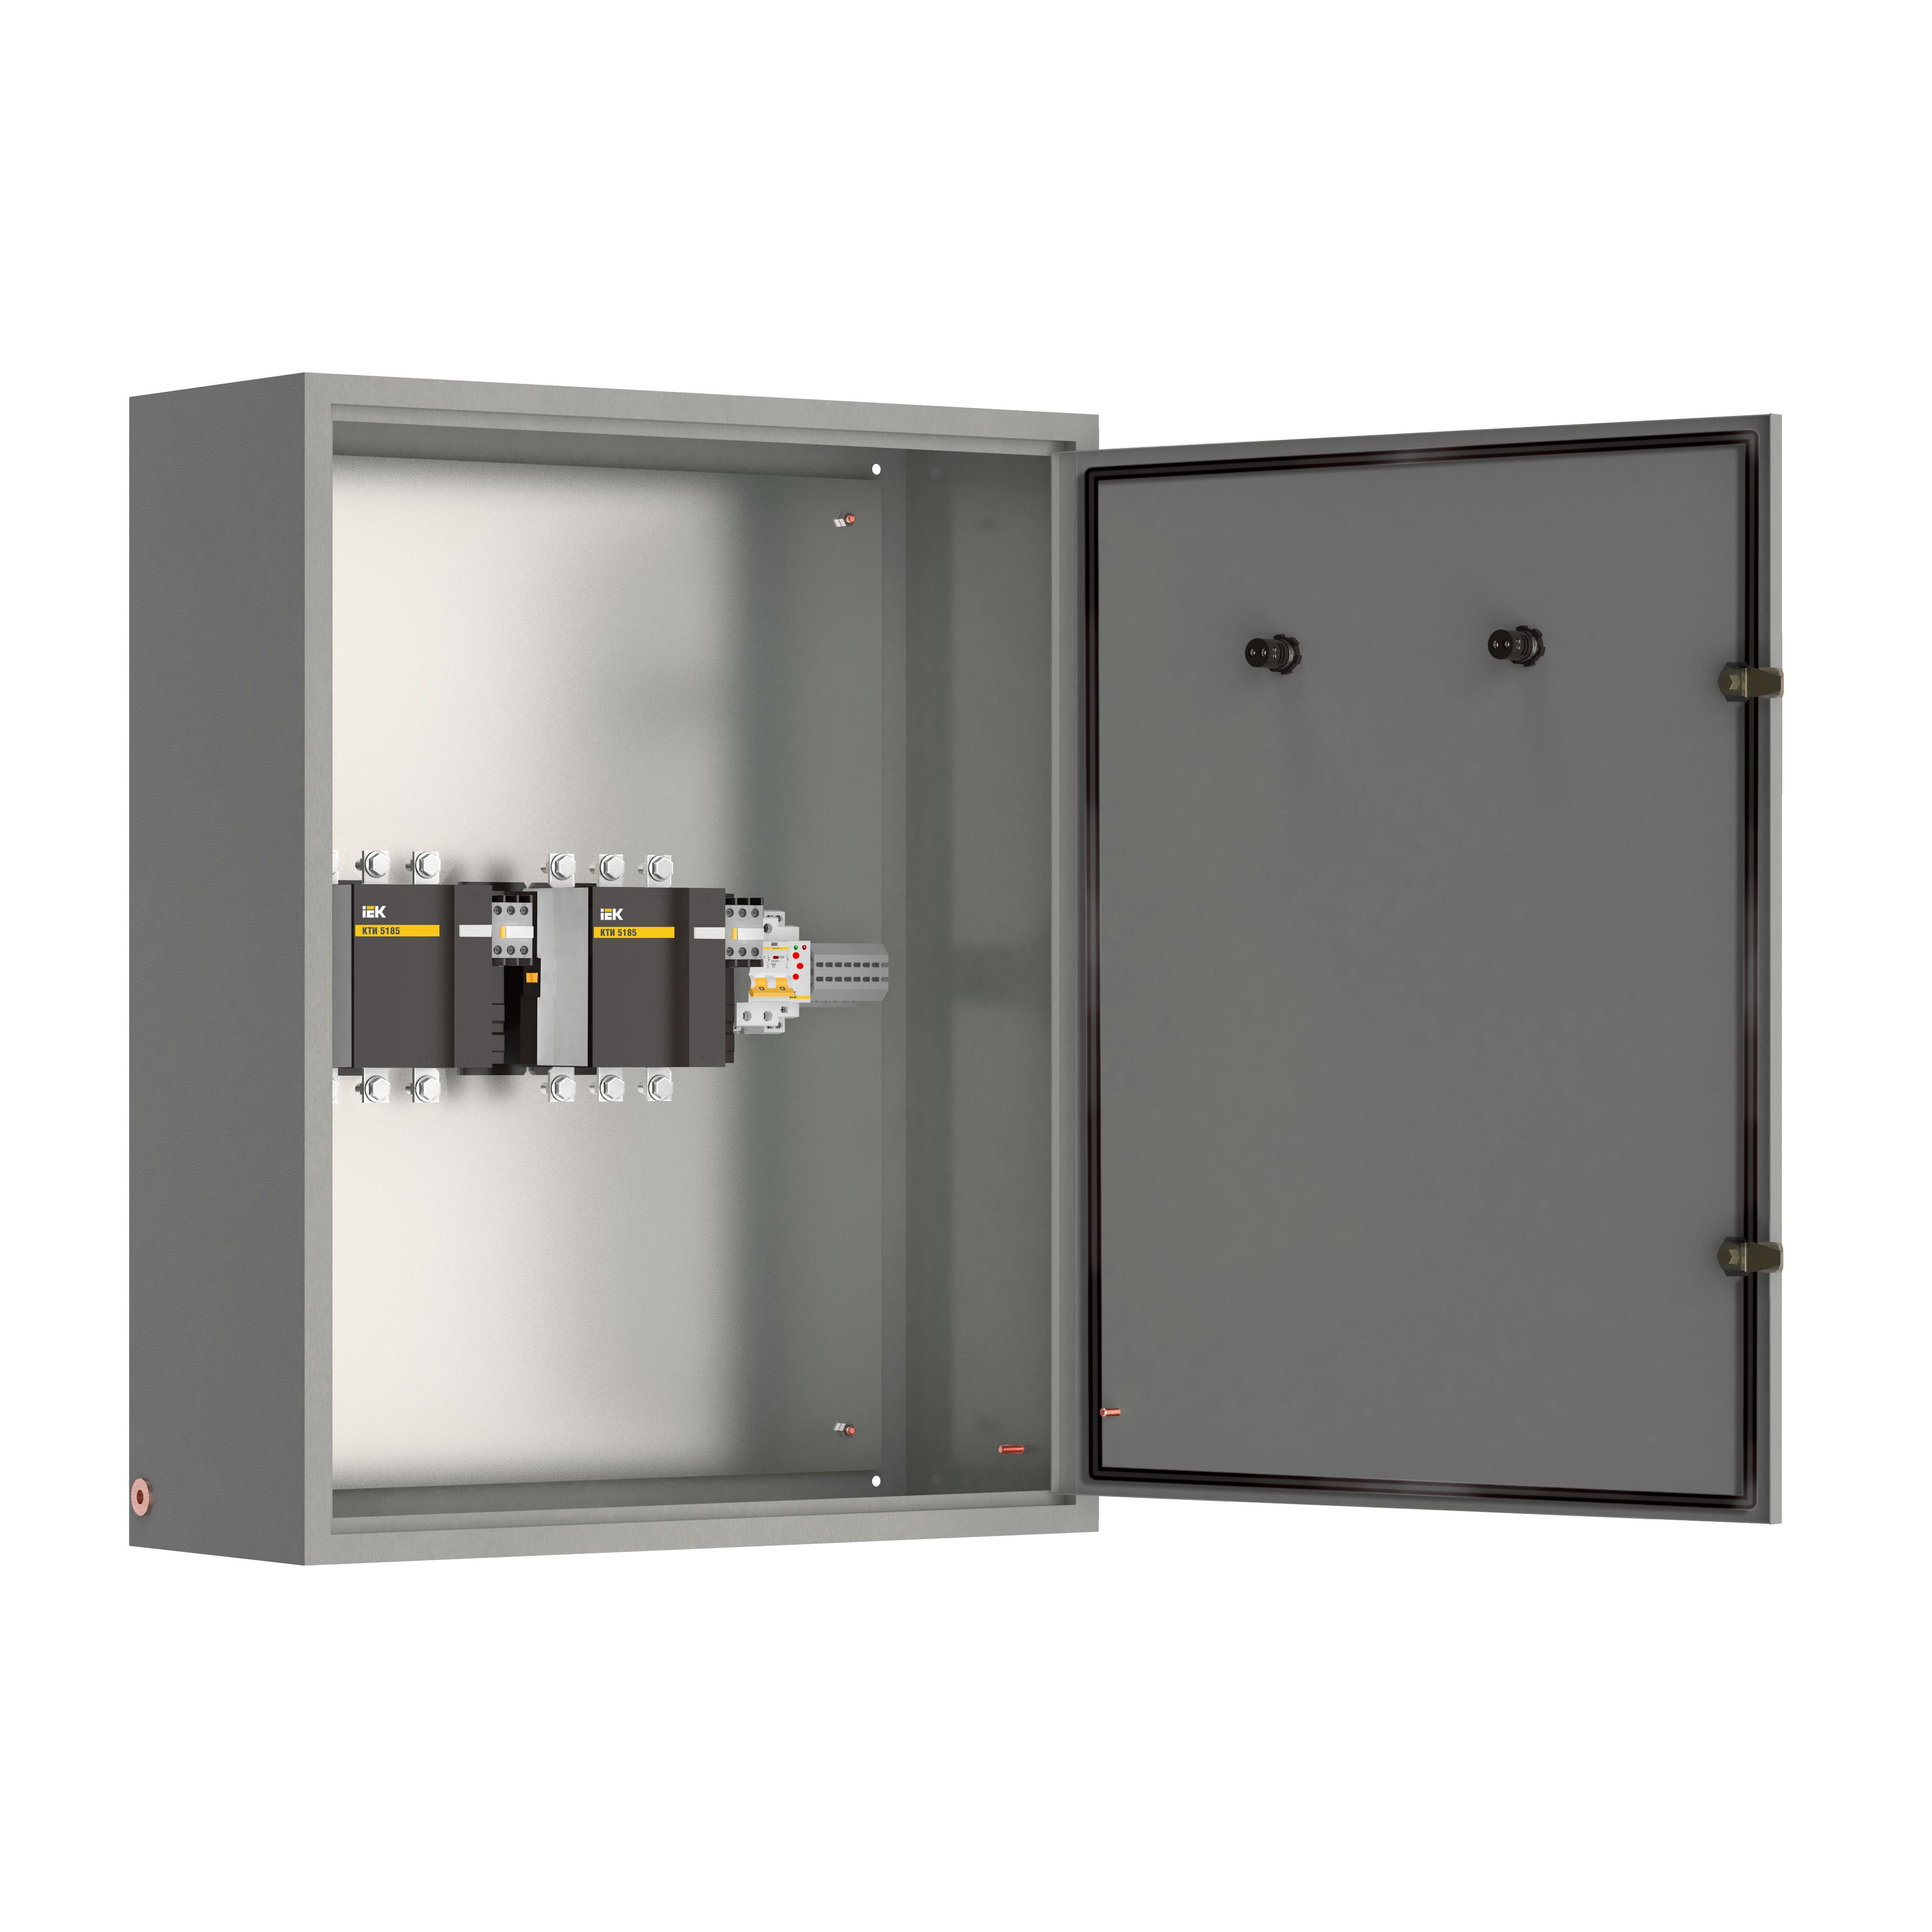 Шкаф управления ШУ8253-32А2 УХЛ4 выключатели автоматические 1Р 1х6А 3Р 1х6А контакторы 2х185А IEK